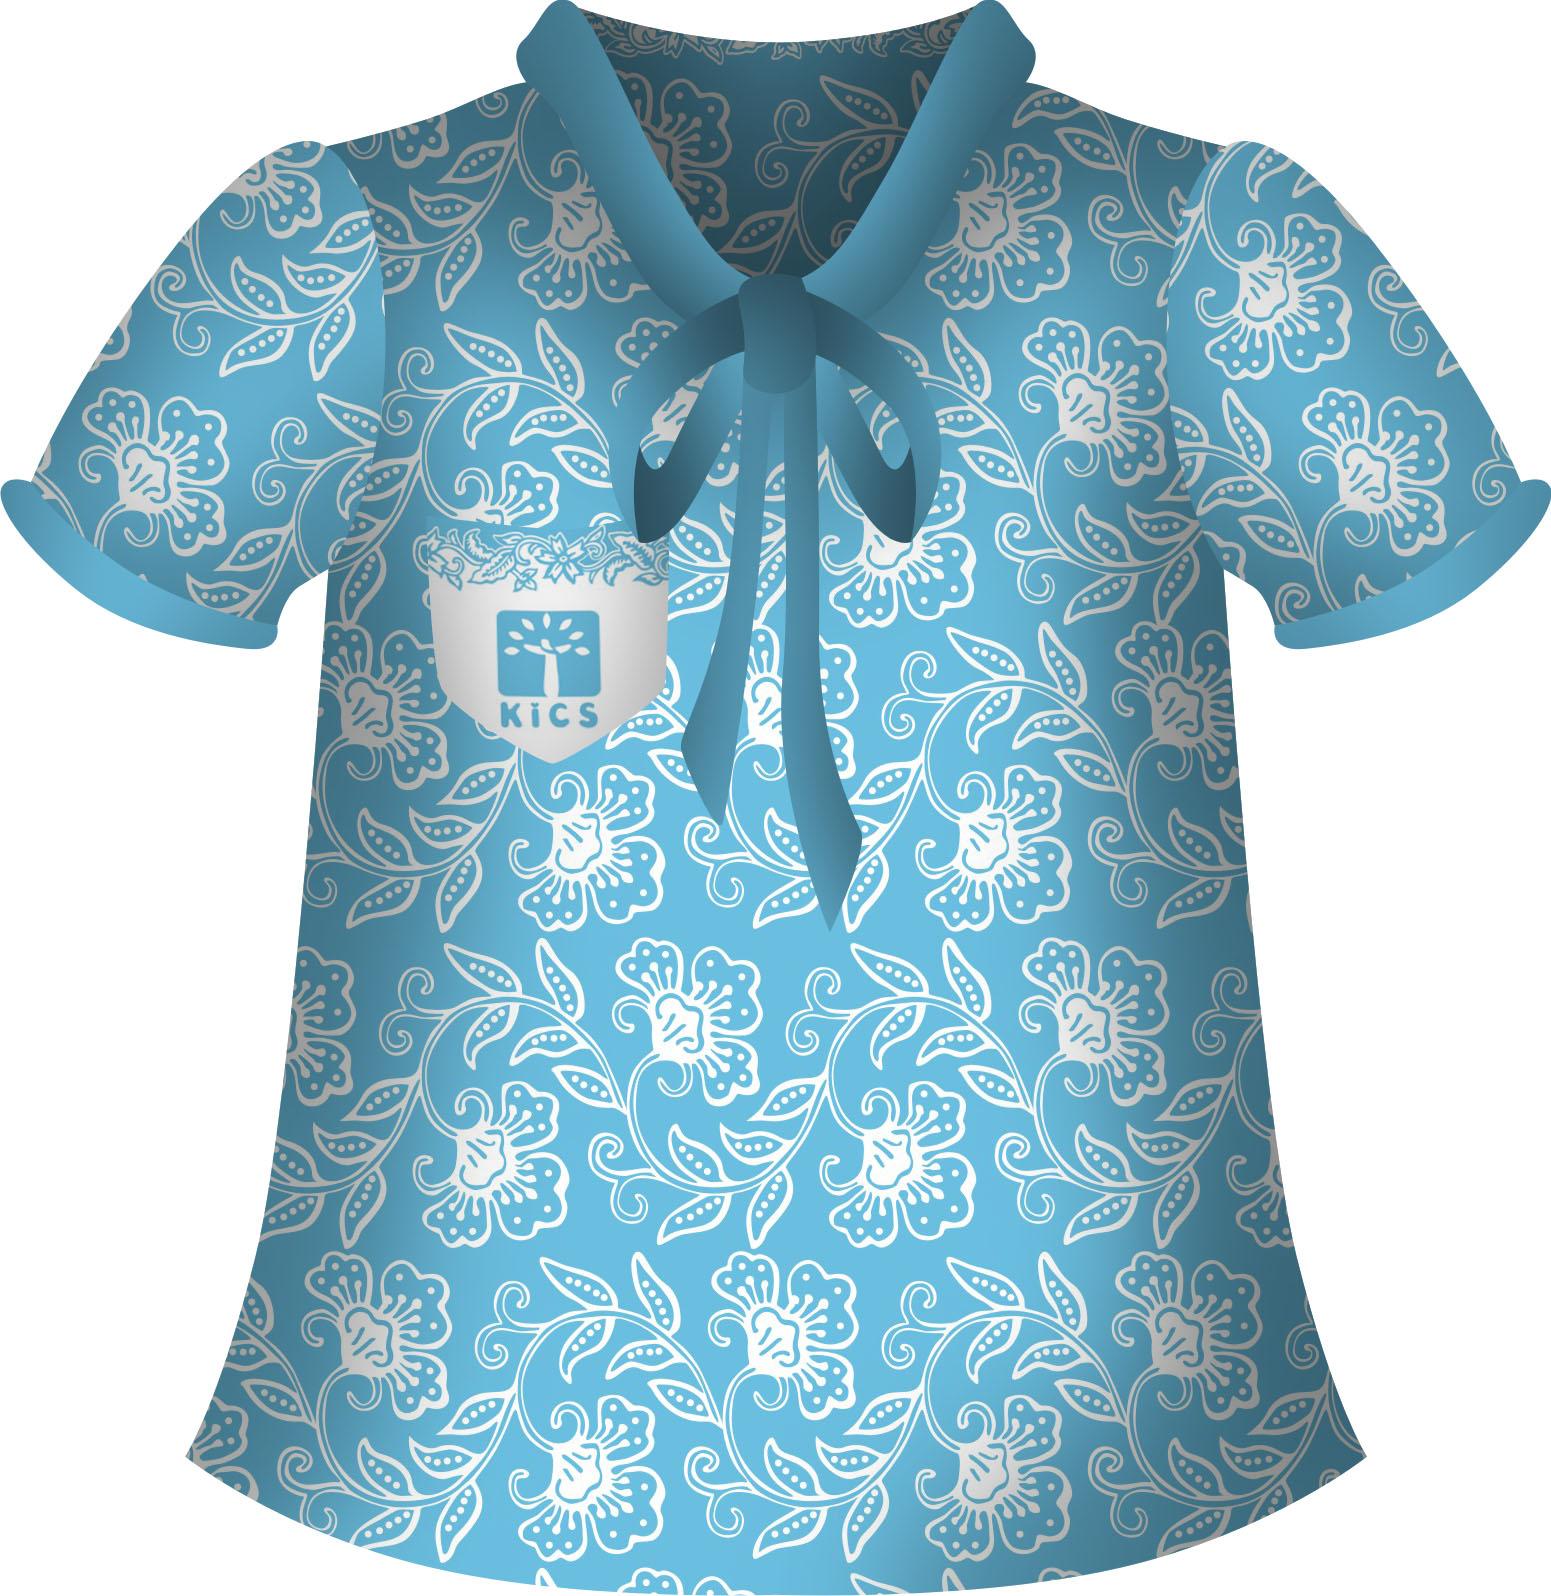 Contoh Baju Seragam Batik Sekolah: Contoh Seragam Batik Sekolah Contoh Seragam Batik Sekolah